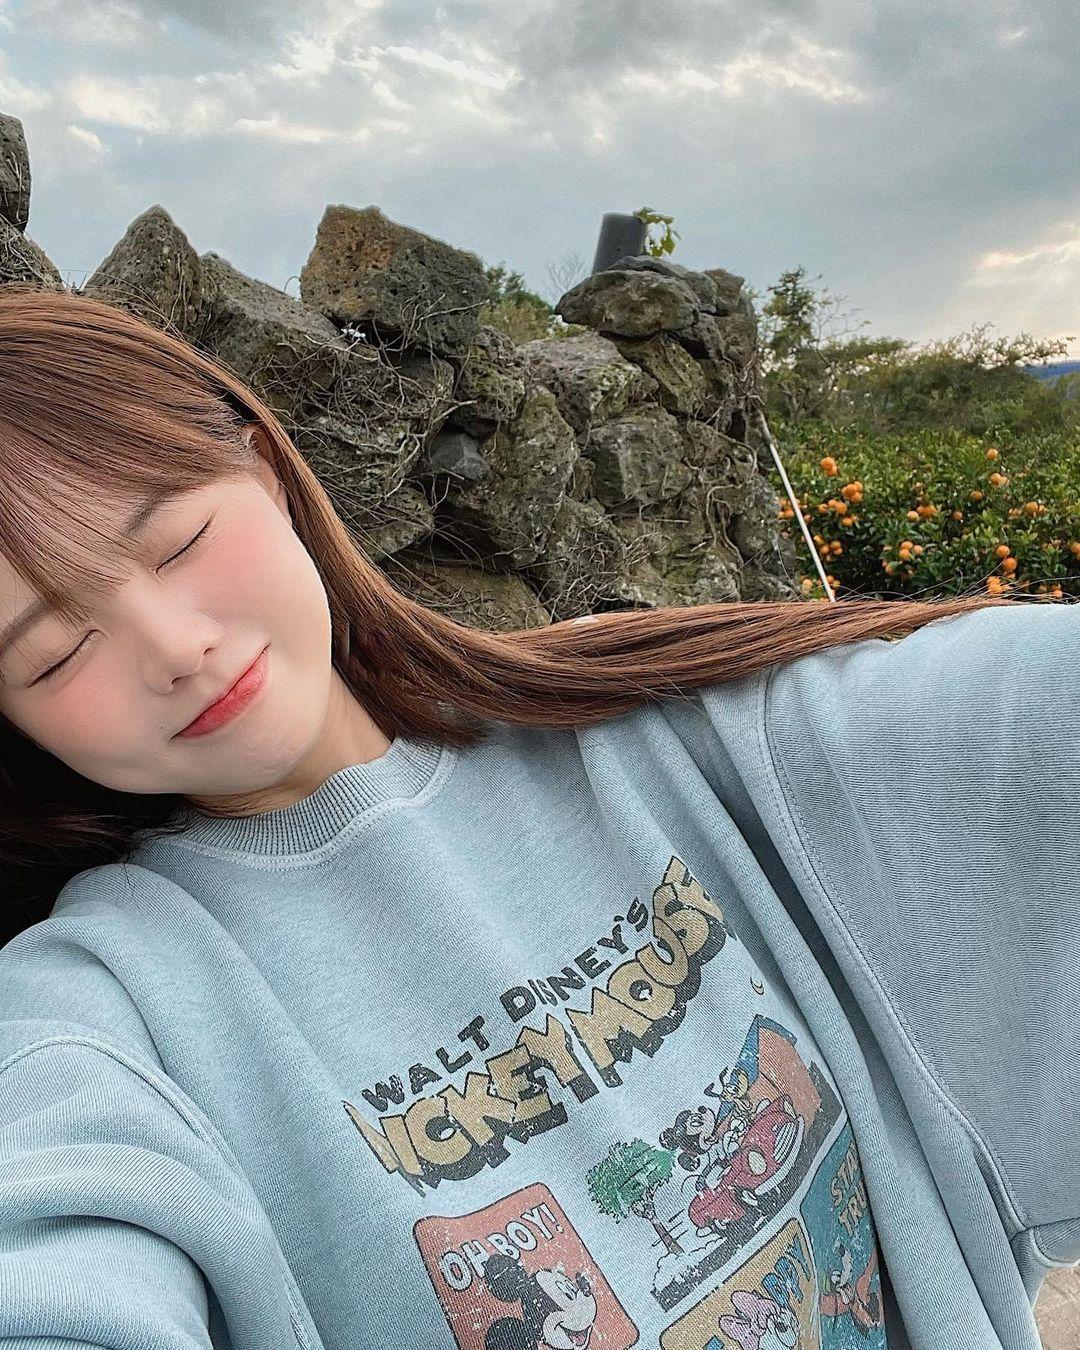 南韩萝莉妈妈홍영기甜美外型让网友吃惊 妹子图 热图2